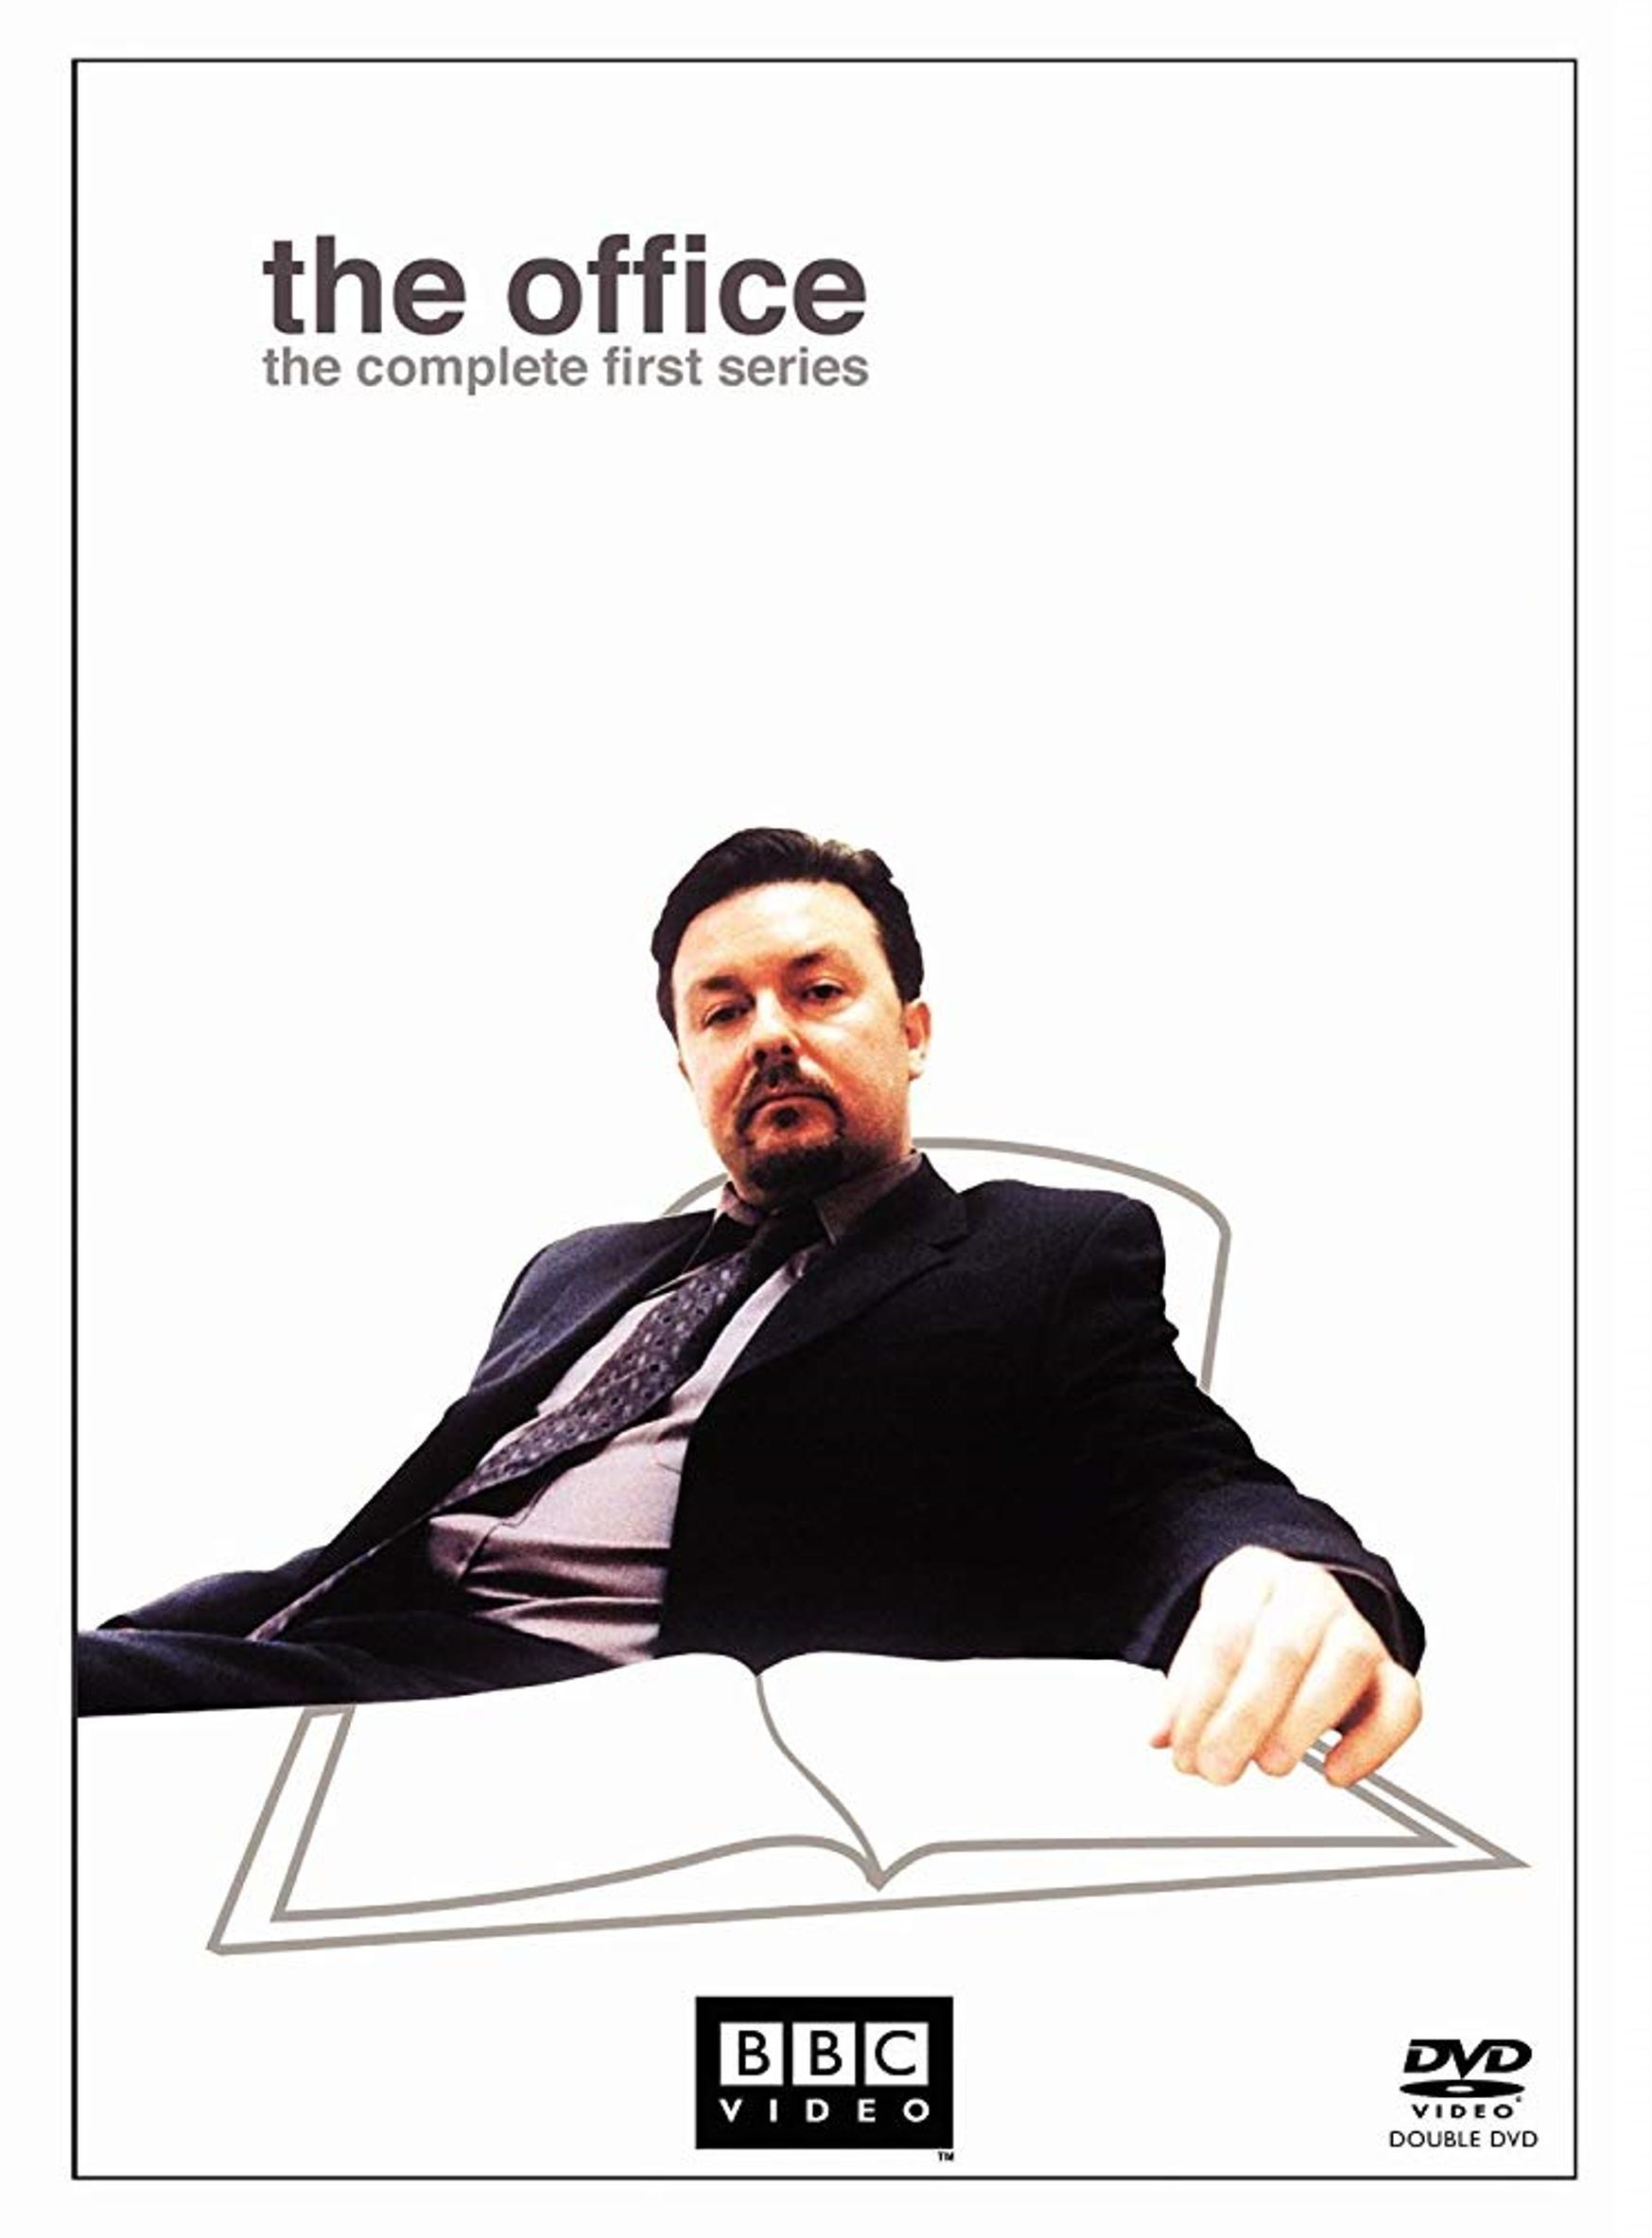 the office season 3 watch free online